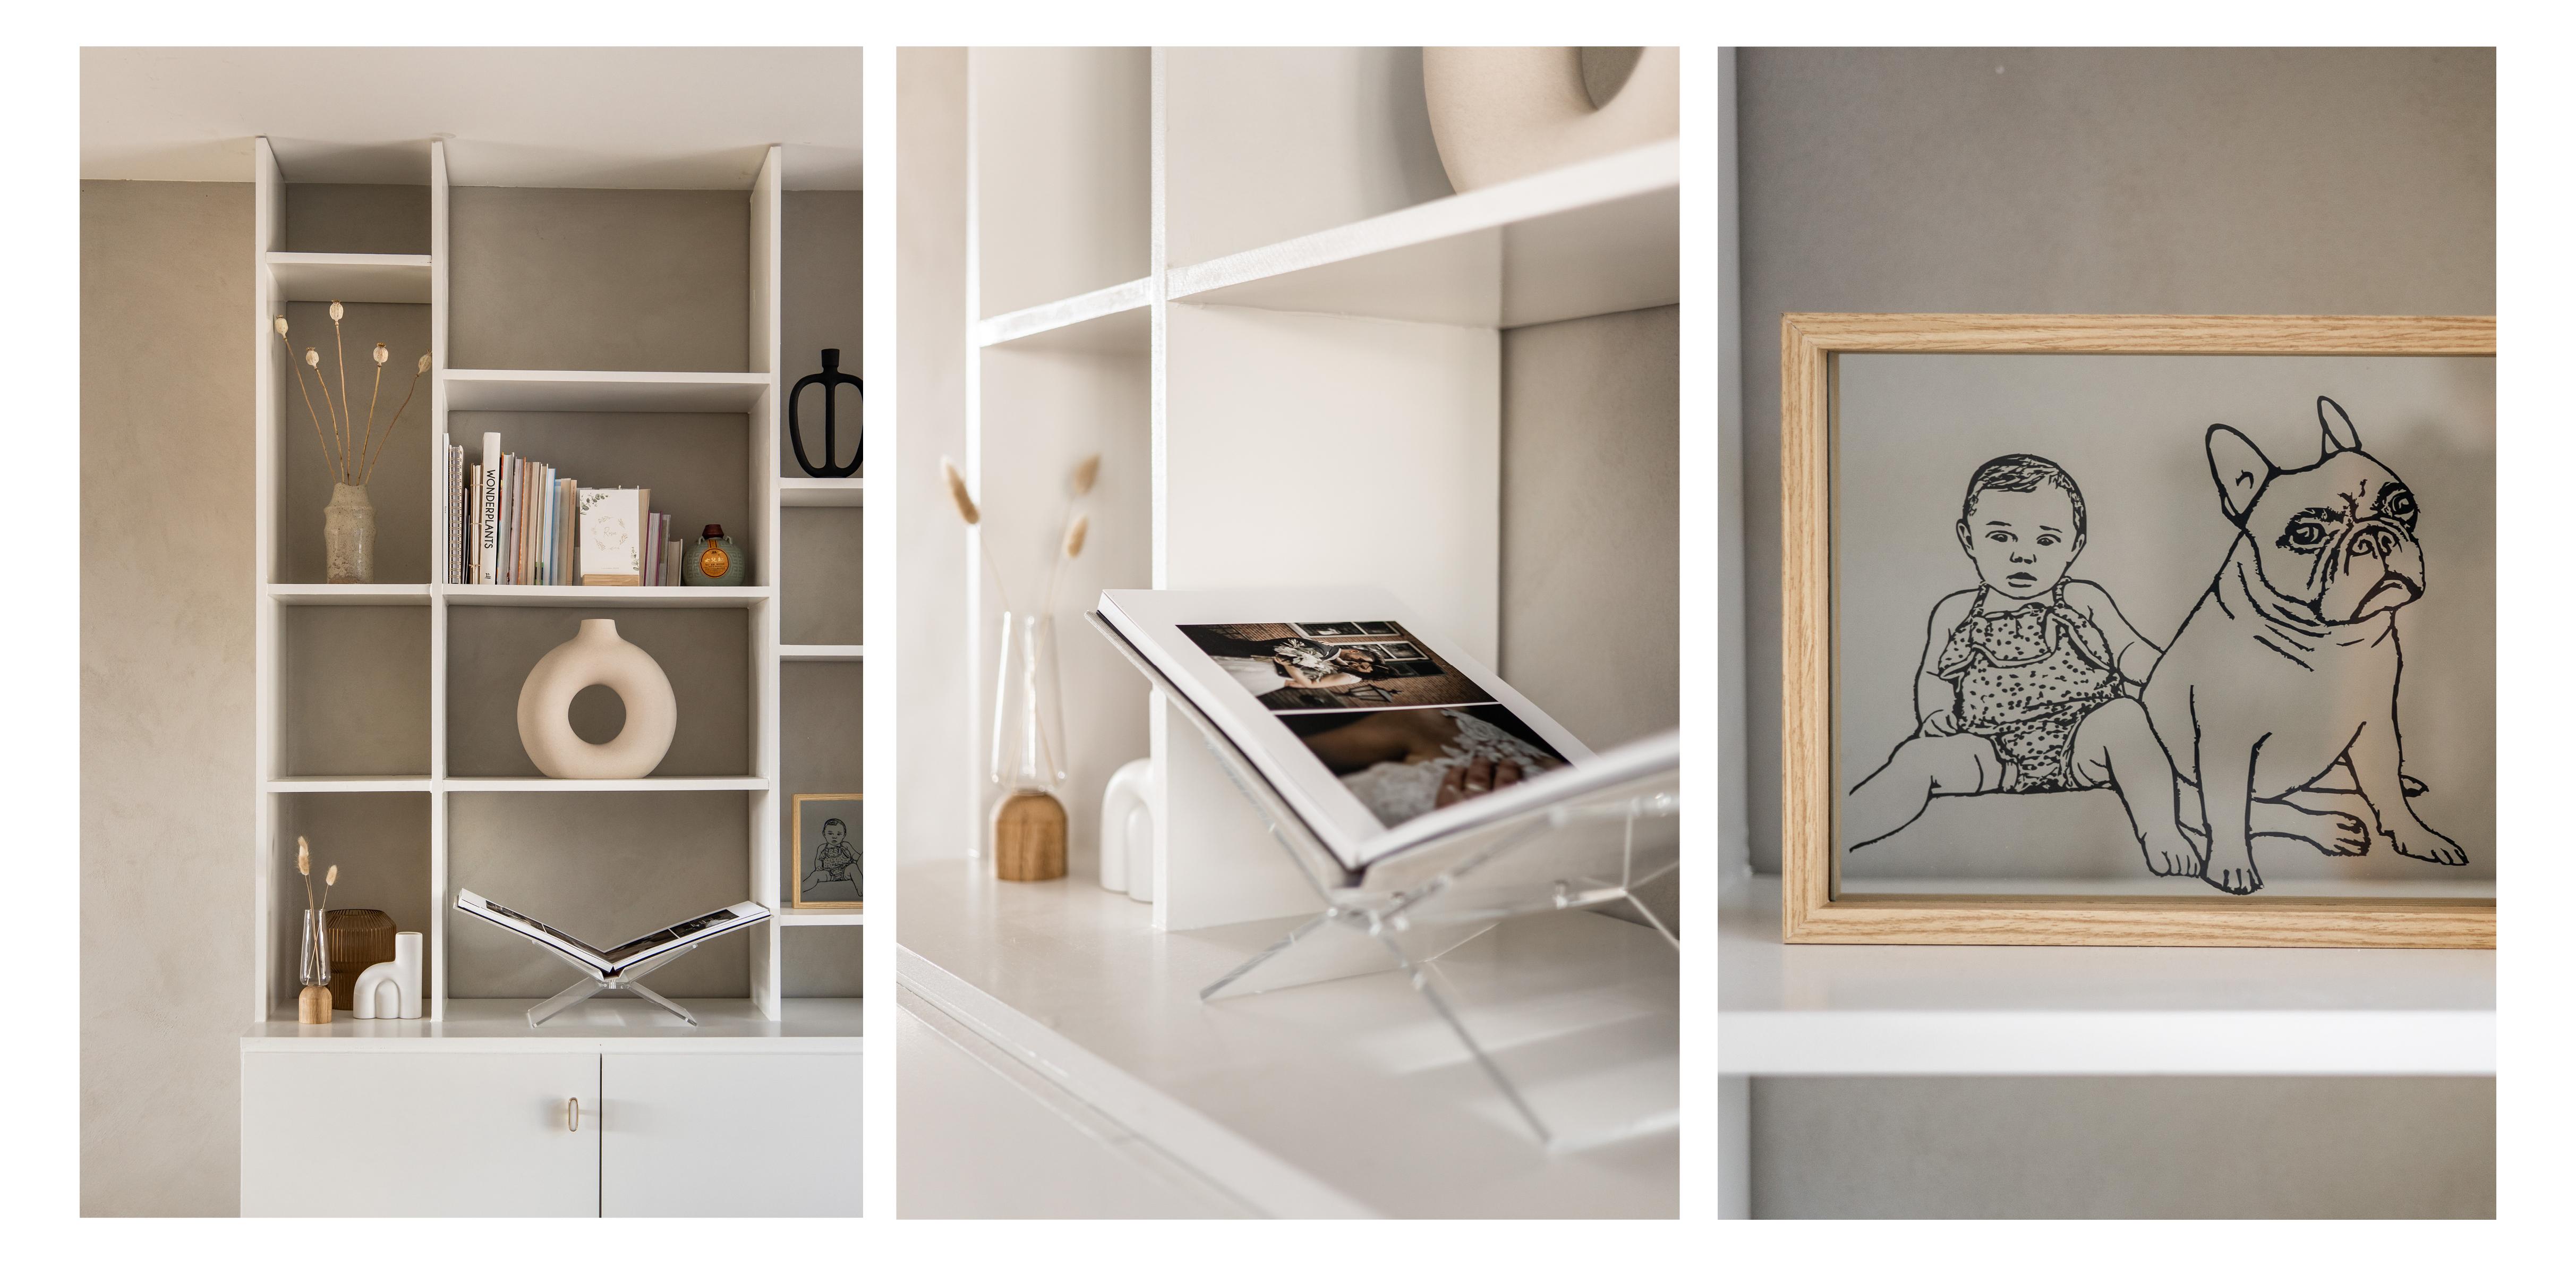 Homedecoratie, vazen, woonaccessoires, interieurstyling, interieur